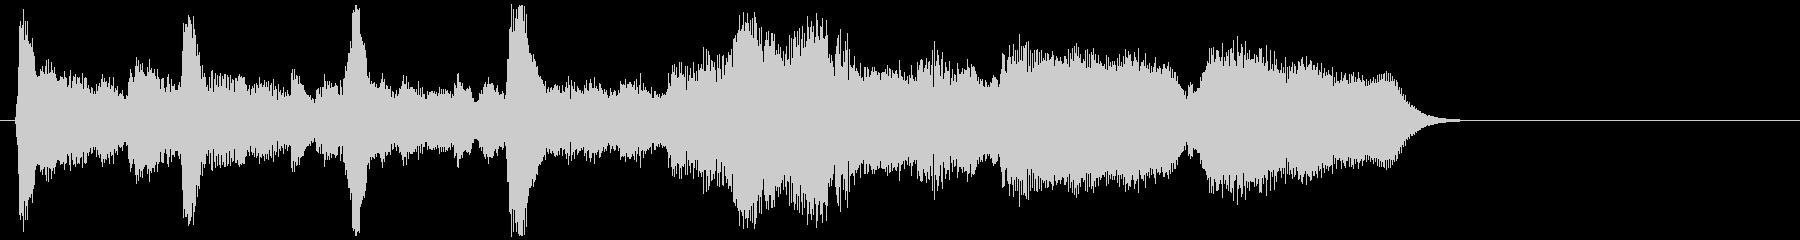 切ない雰囲気のストリングスアンサンブルの未再生の波形